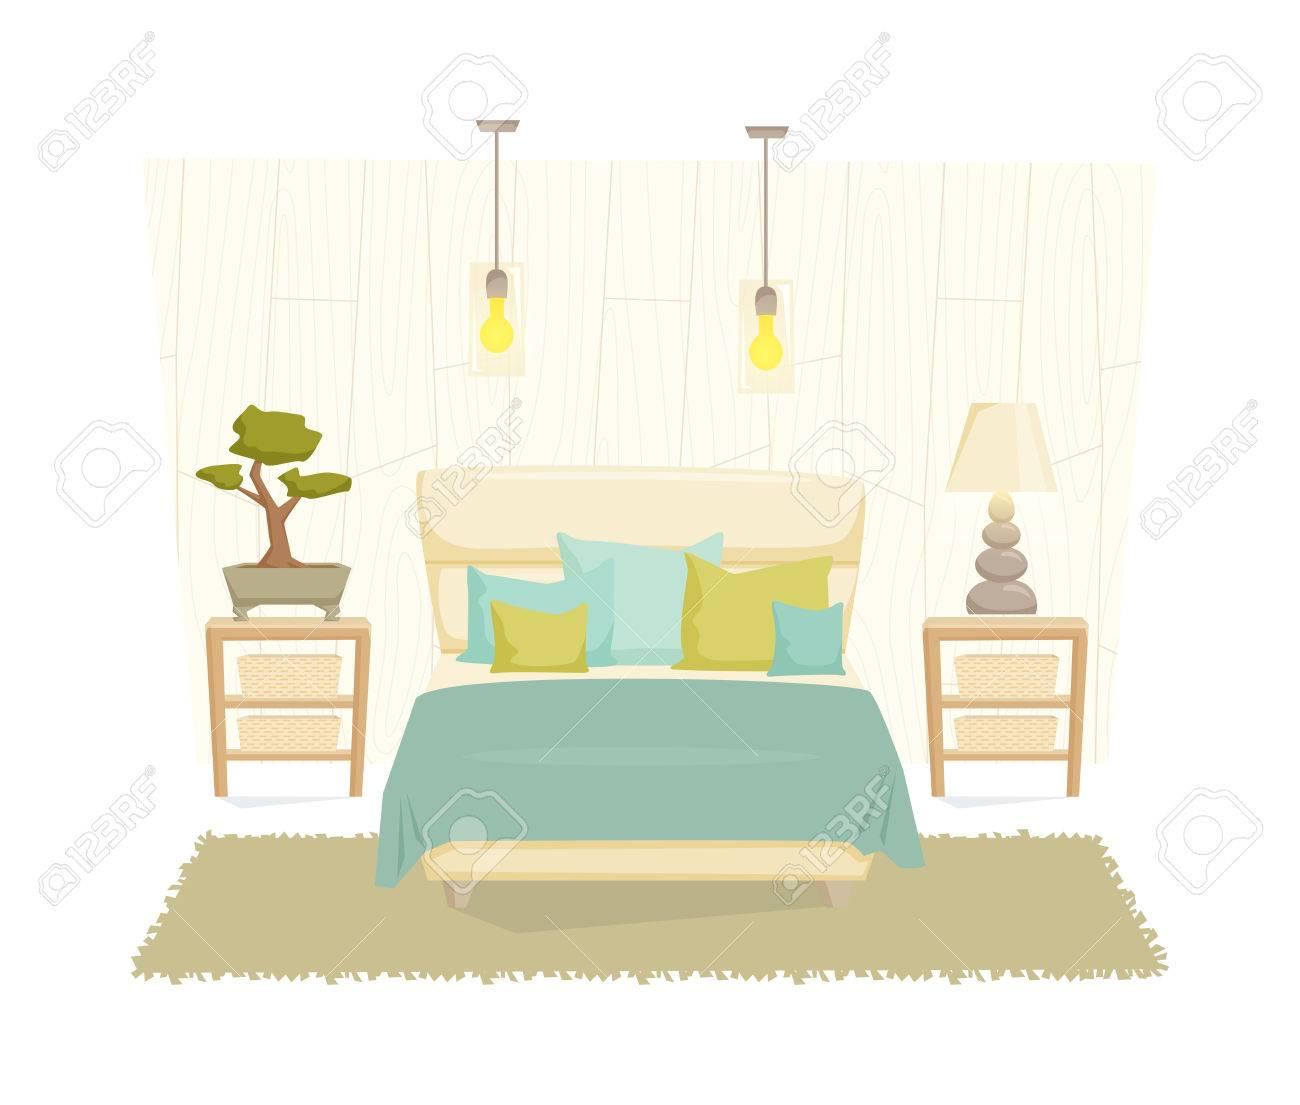 Schlafzimmer Interieur Mit Möbeln Und Dekoration Im öko Stil